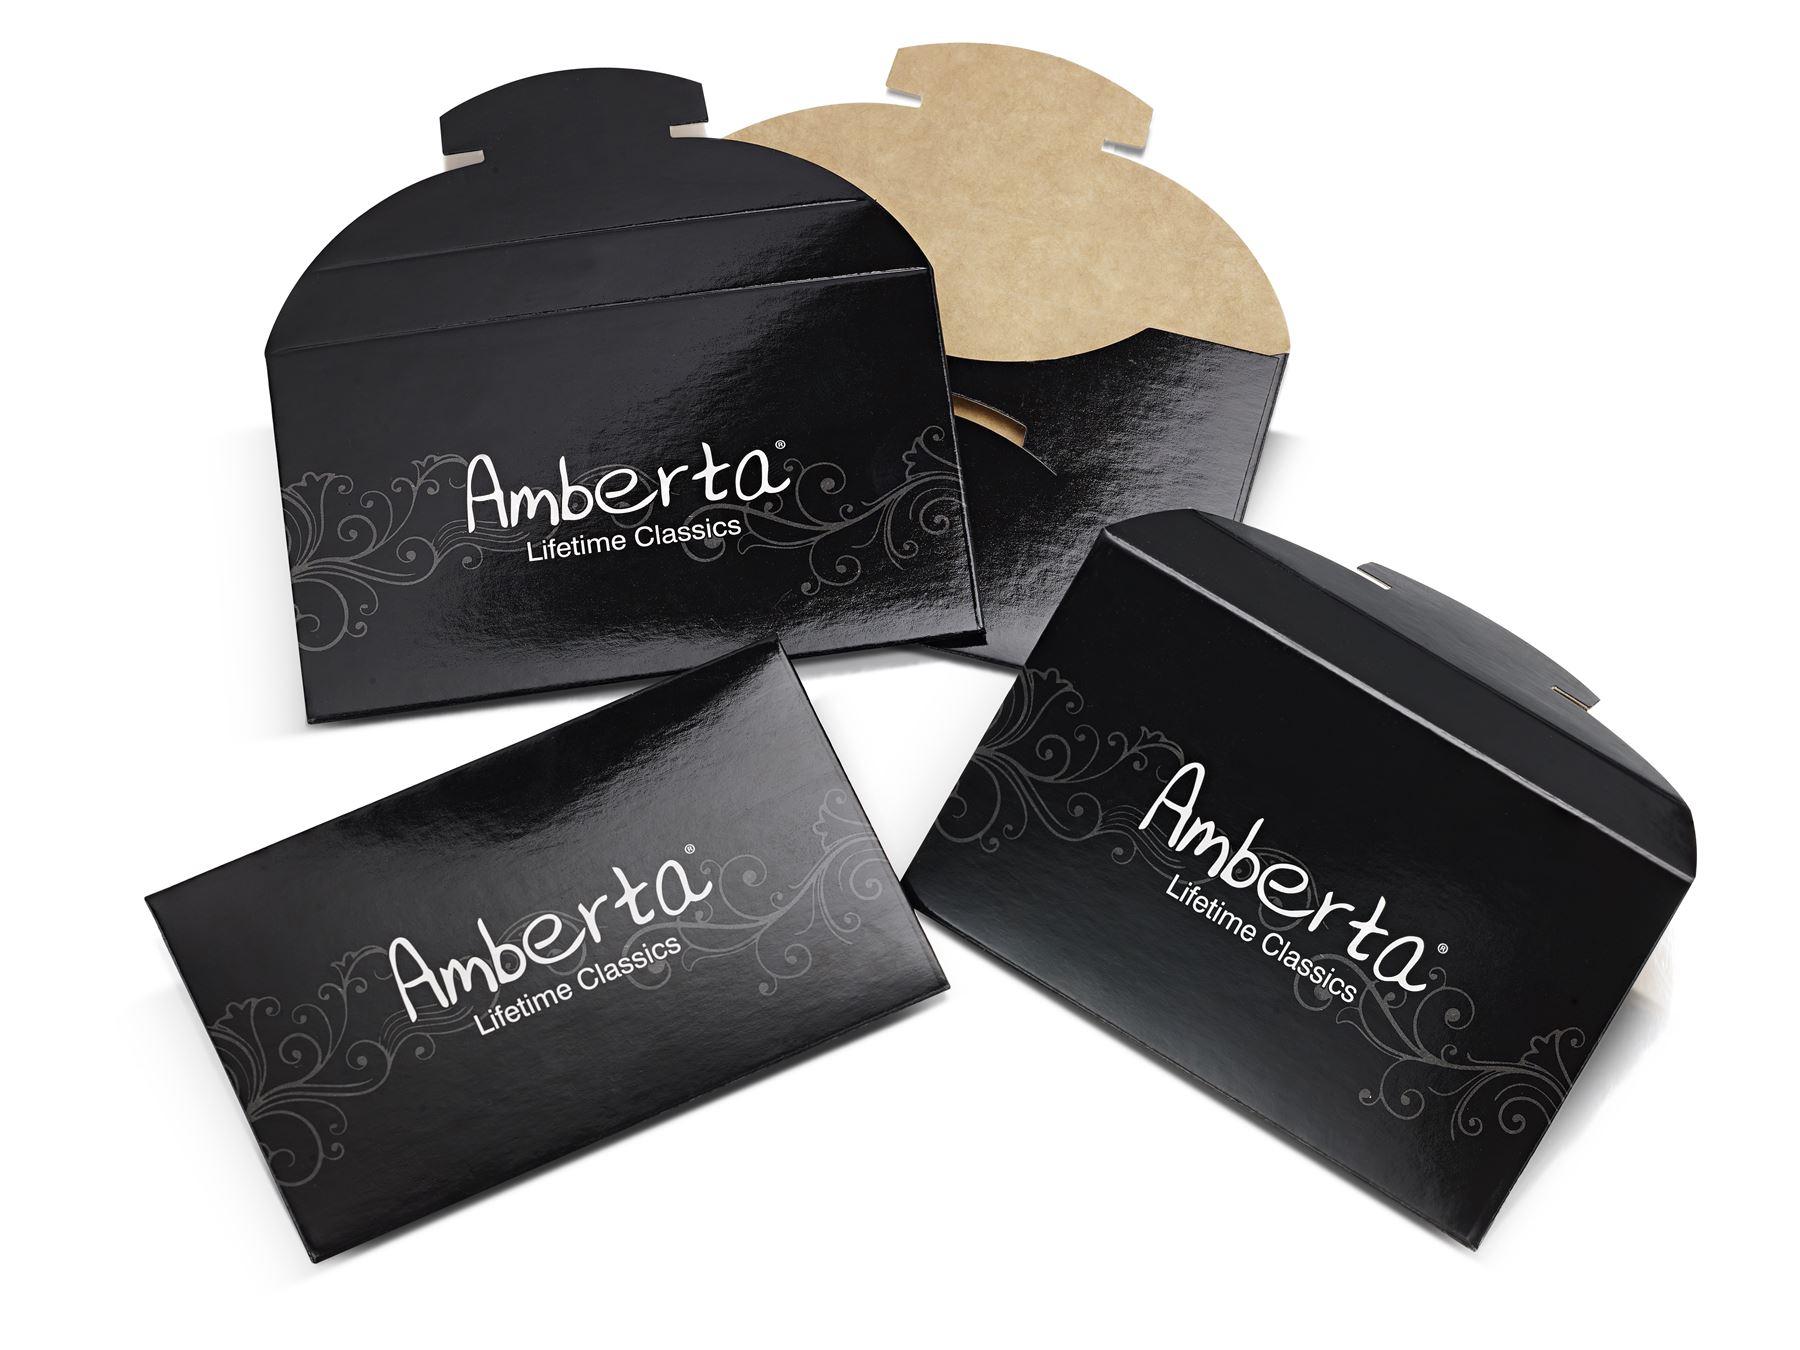 Amberta-Pendientes-para-Mujer-Aros-en-Plata-De-Ley-925-Autentica-Estilo-Clasico miniatura 10